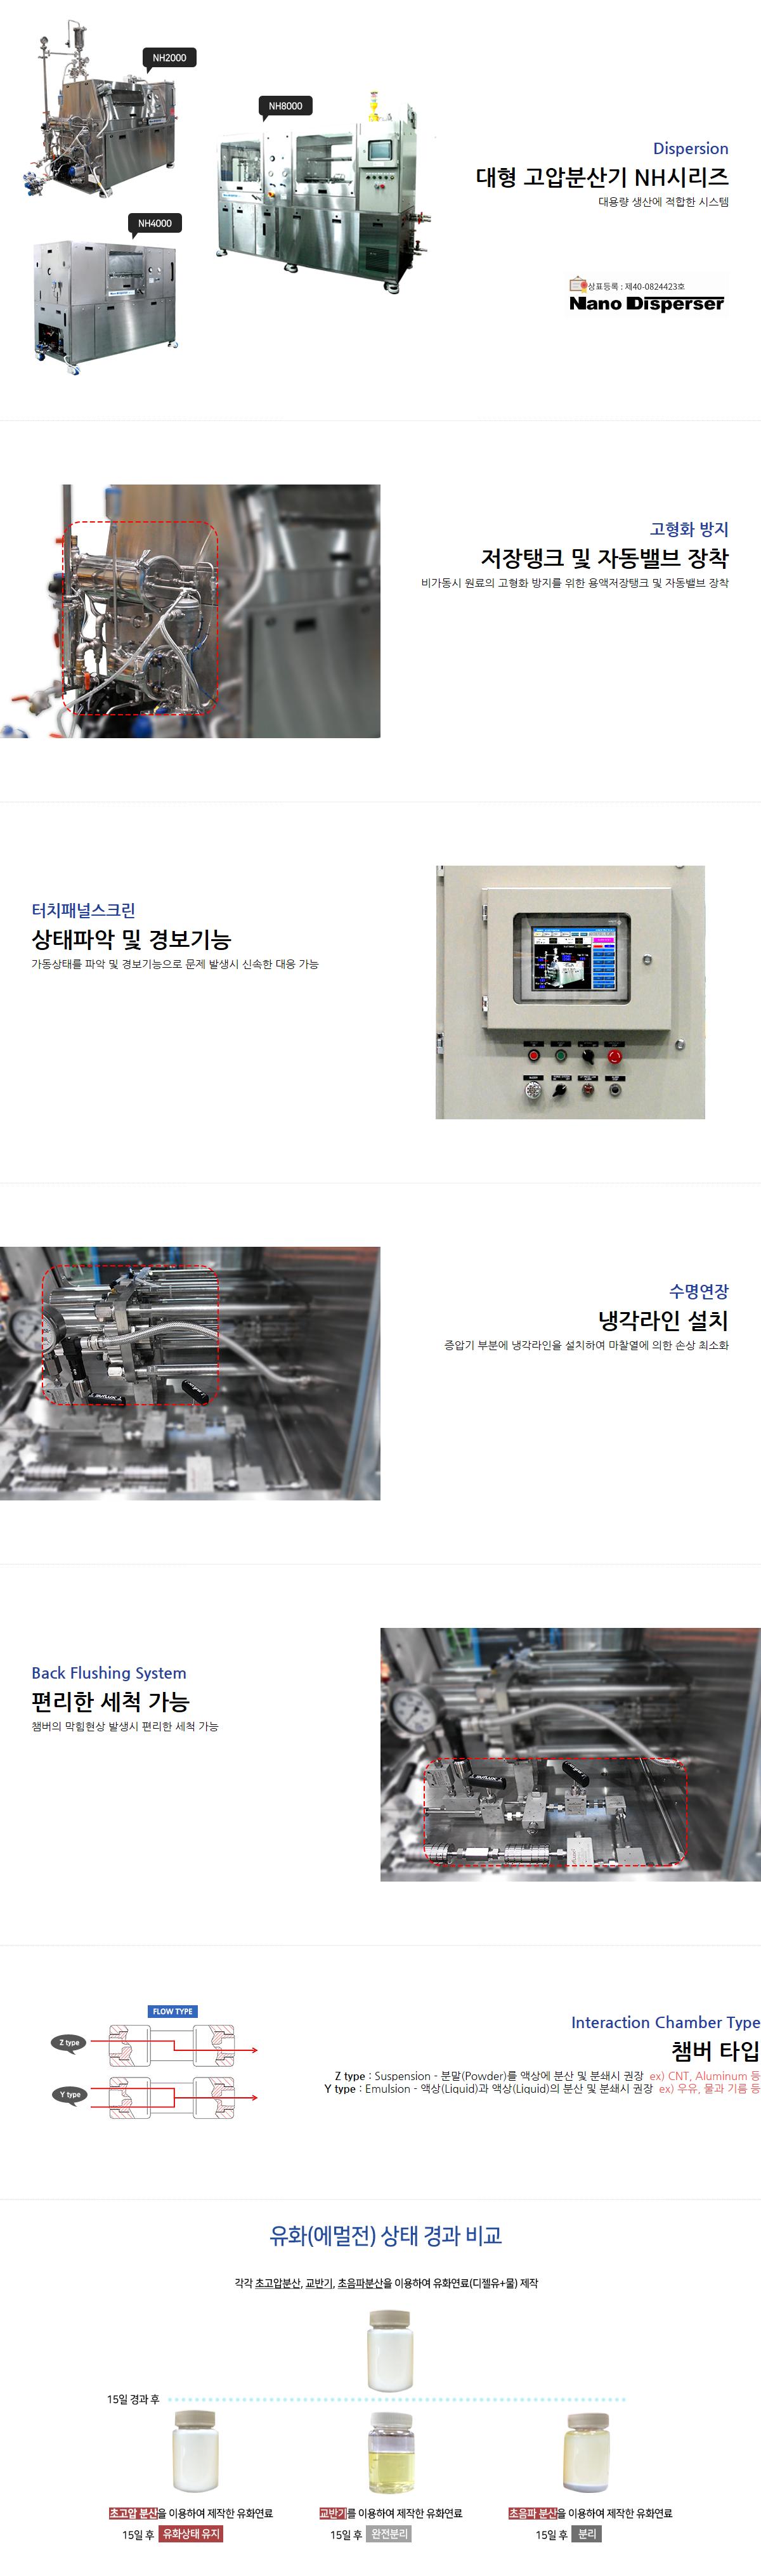 일신오토클레이브 대형 고압 분산기 (나노디스퍼져) NH-Series